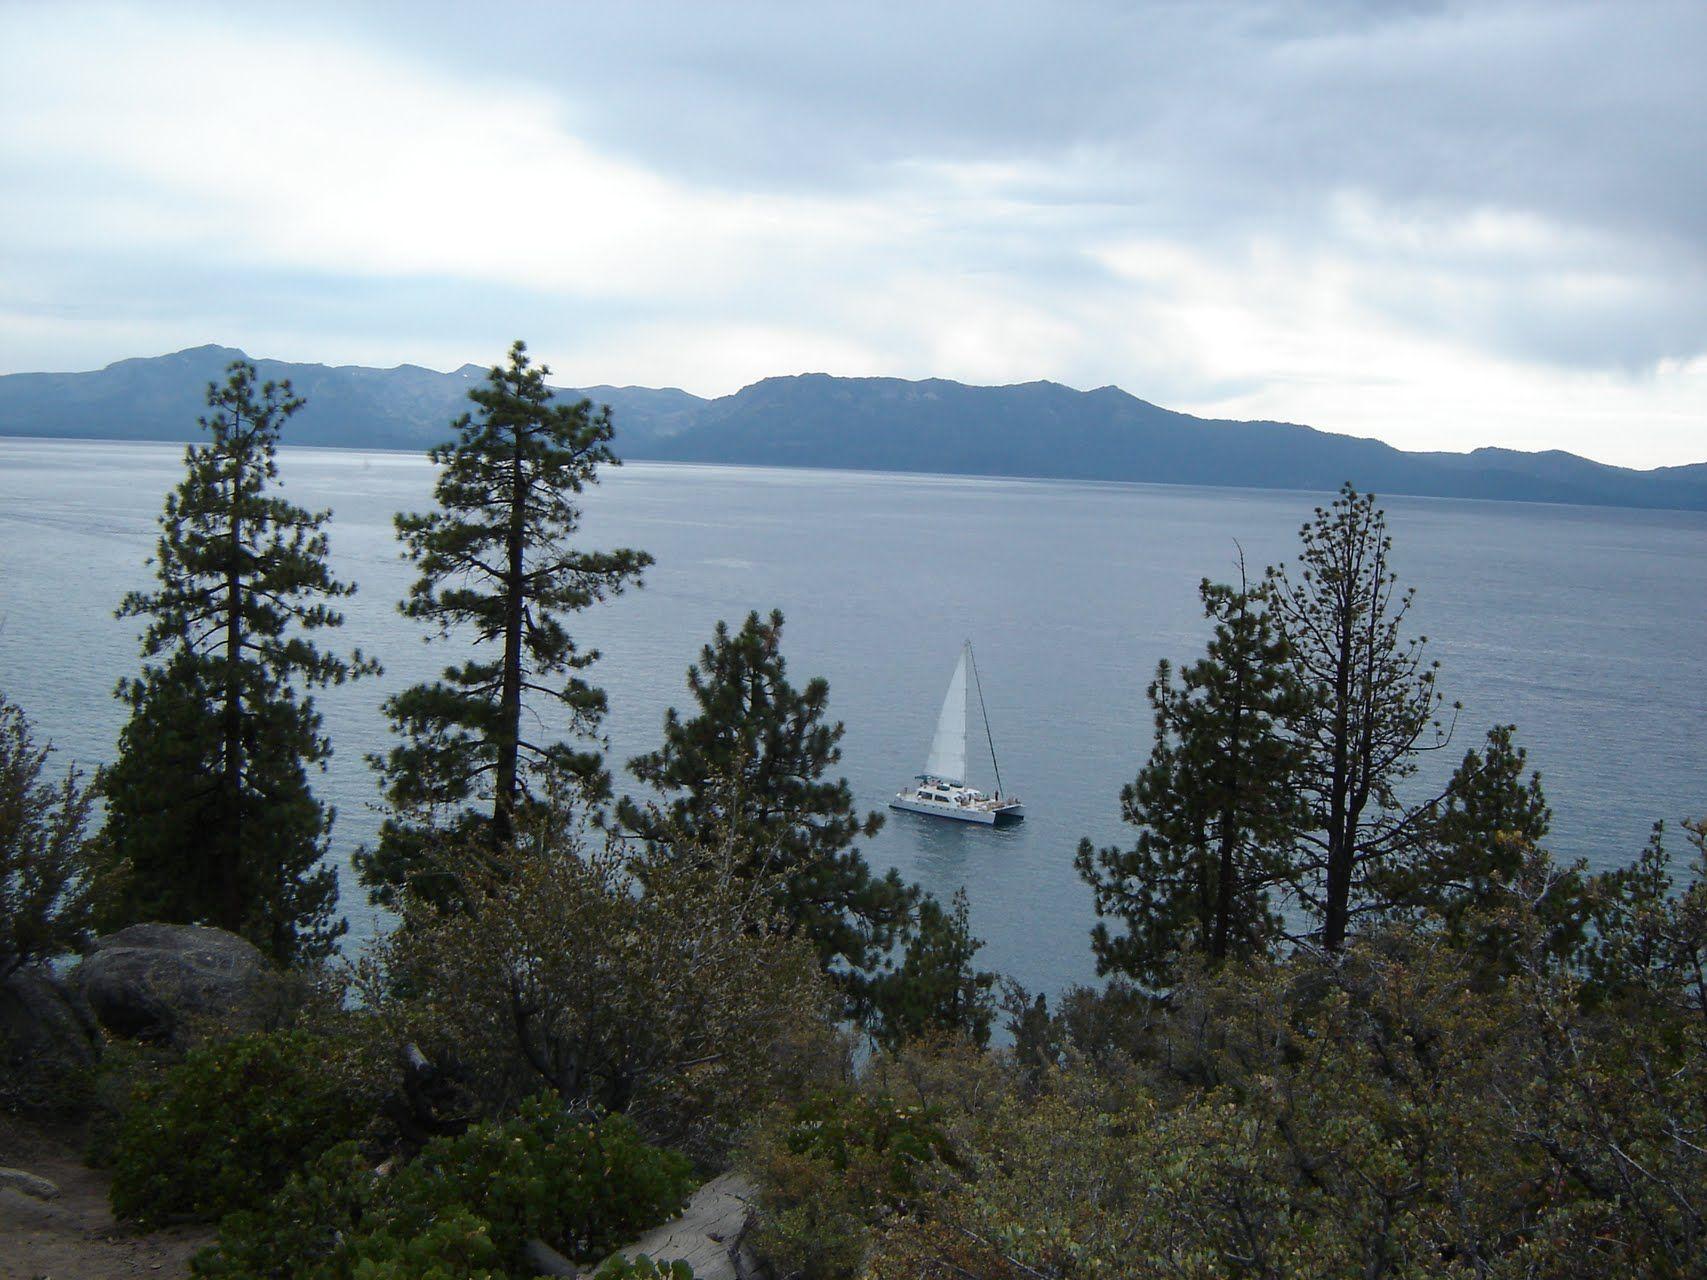 Lake Tahoe Map South Lake Tahoe Embassy Suites Reno To South Lake Tahoe Lake Tahoe Trip Lake Tahoe Map Tahoe Trip